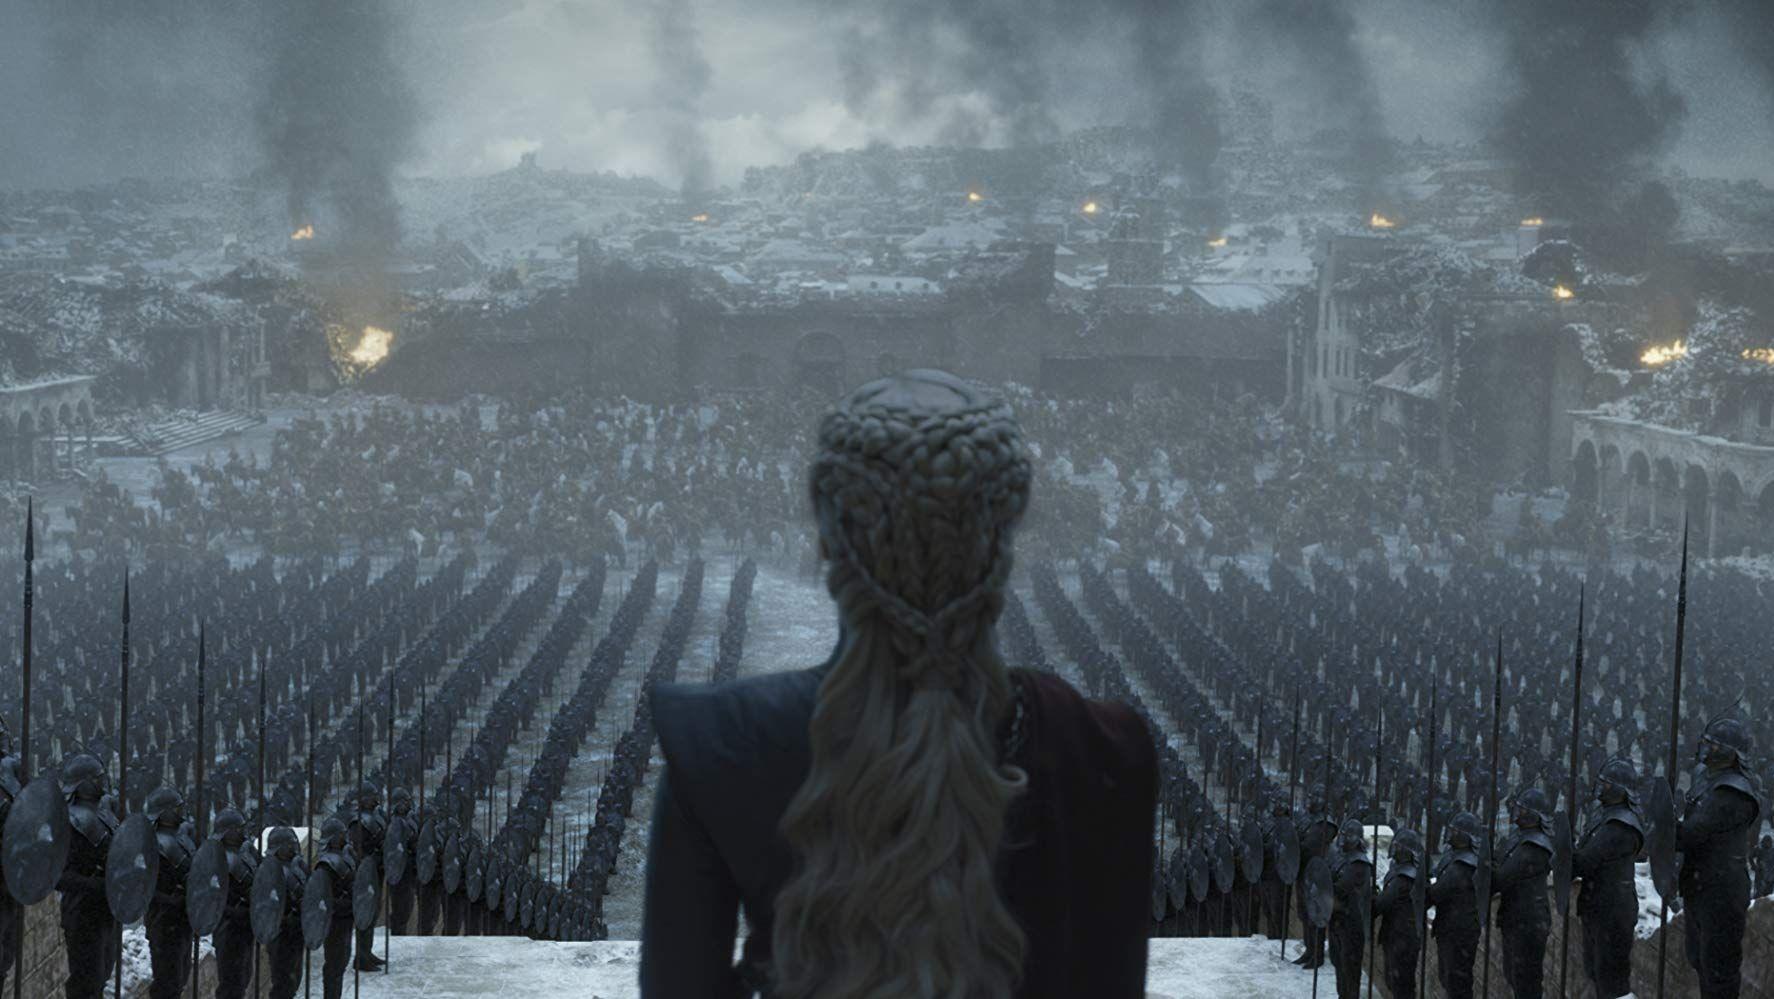 """Die """"Mad Queen"""" Daenerys Targaryen steht vor den von Asche bedeckten Ruinen von Königsmund und schaut auf die Reste ihrer Armee."""